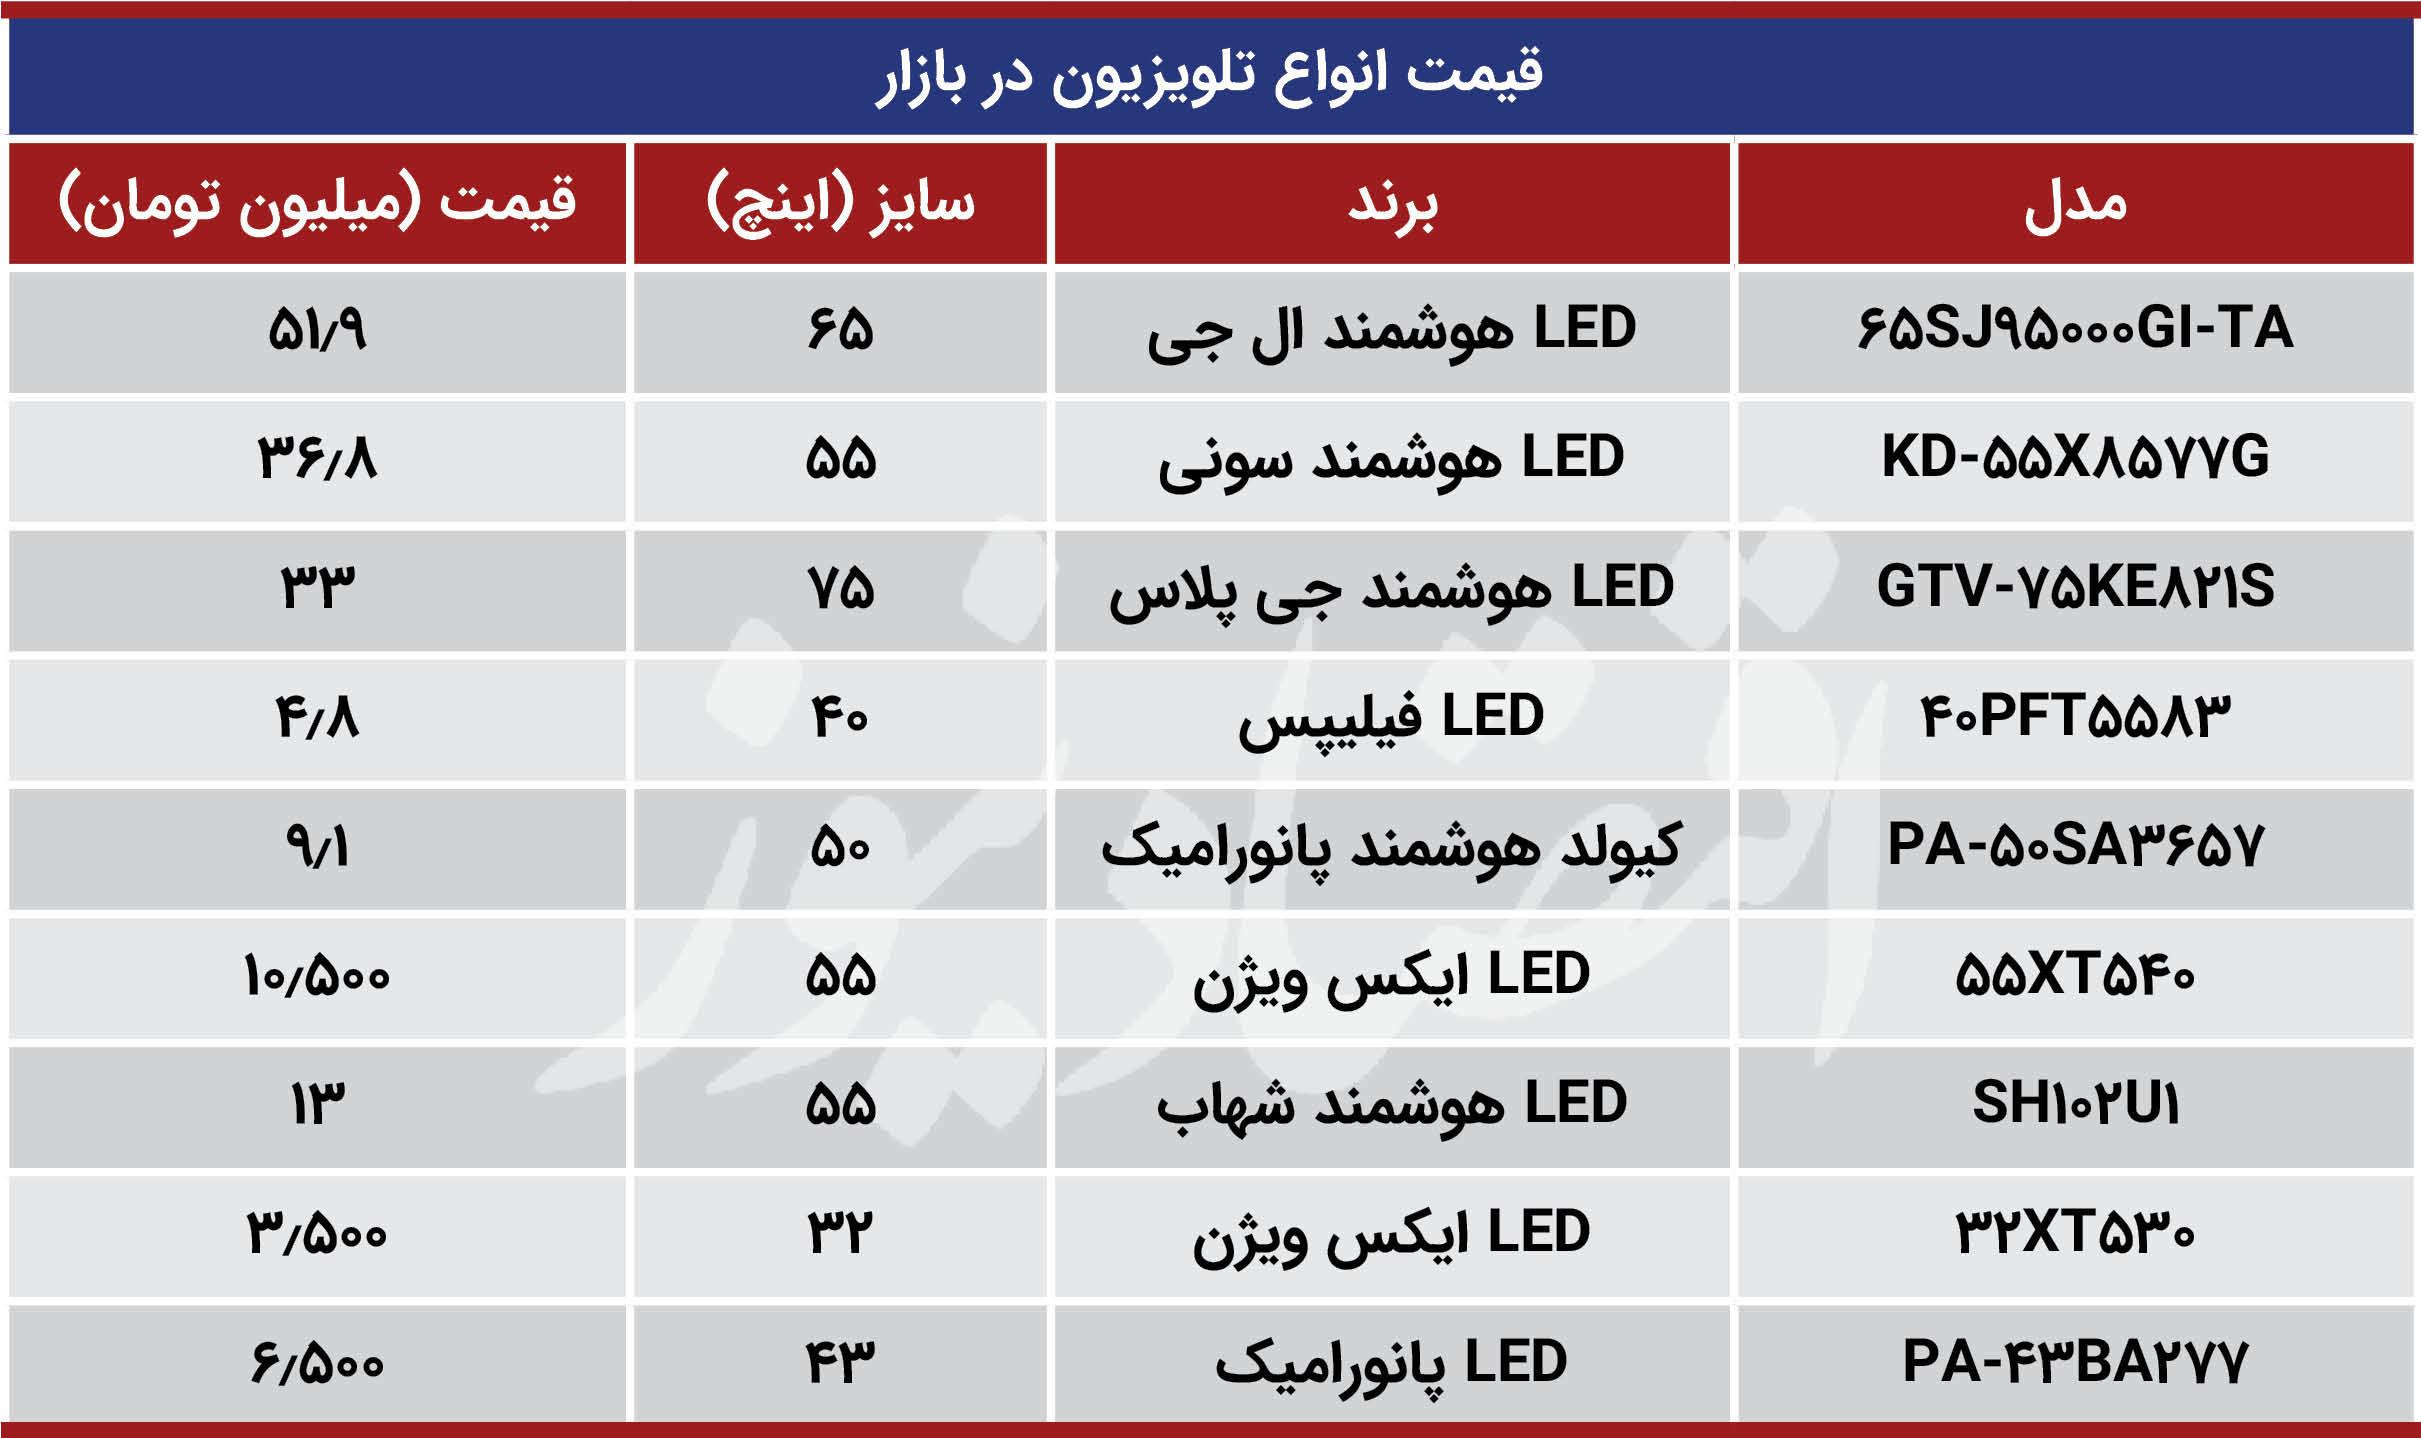 ارزانترین تلویزیون موجود در بازار چند؟ + جدولا